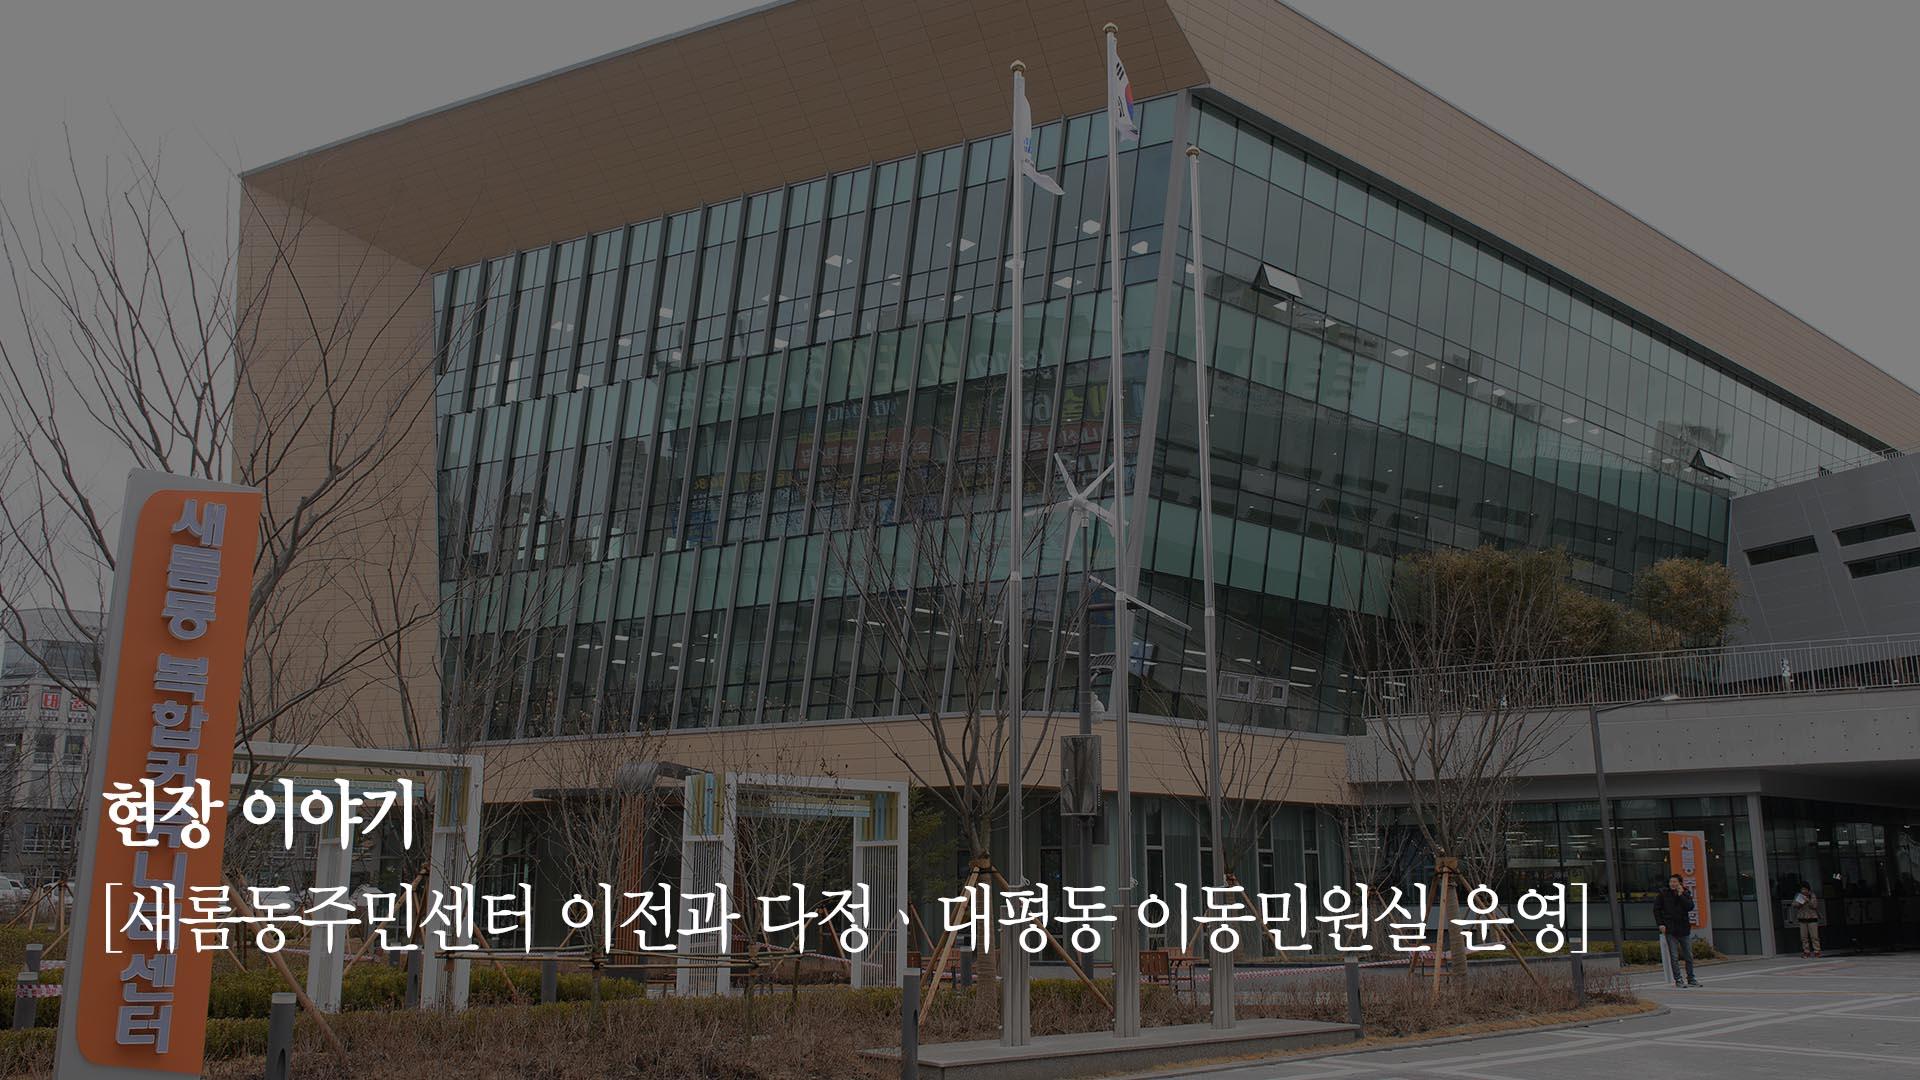 <현장이야기> 새롬동주민센터 이전과 다정ㆍ대평동 이동민원실 운영